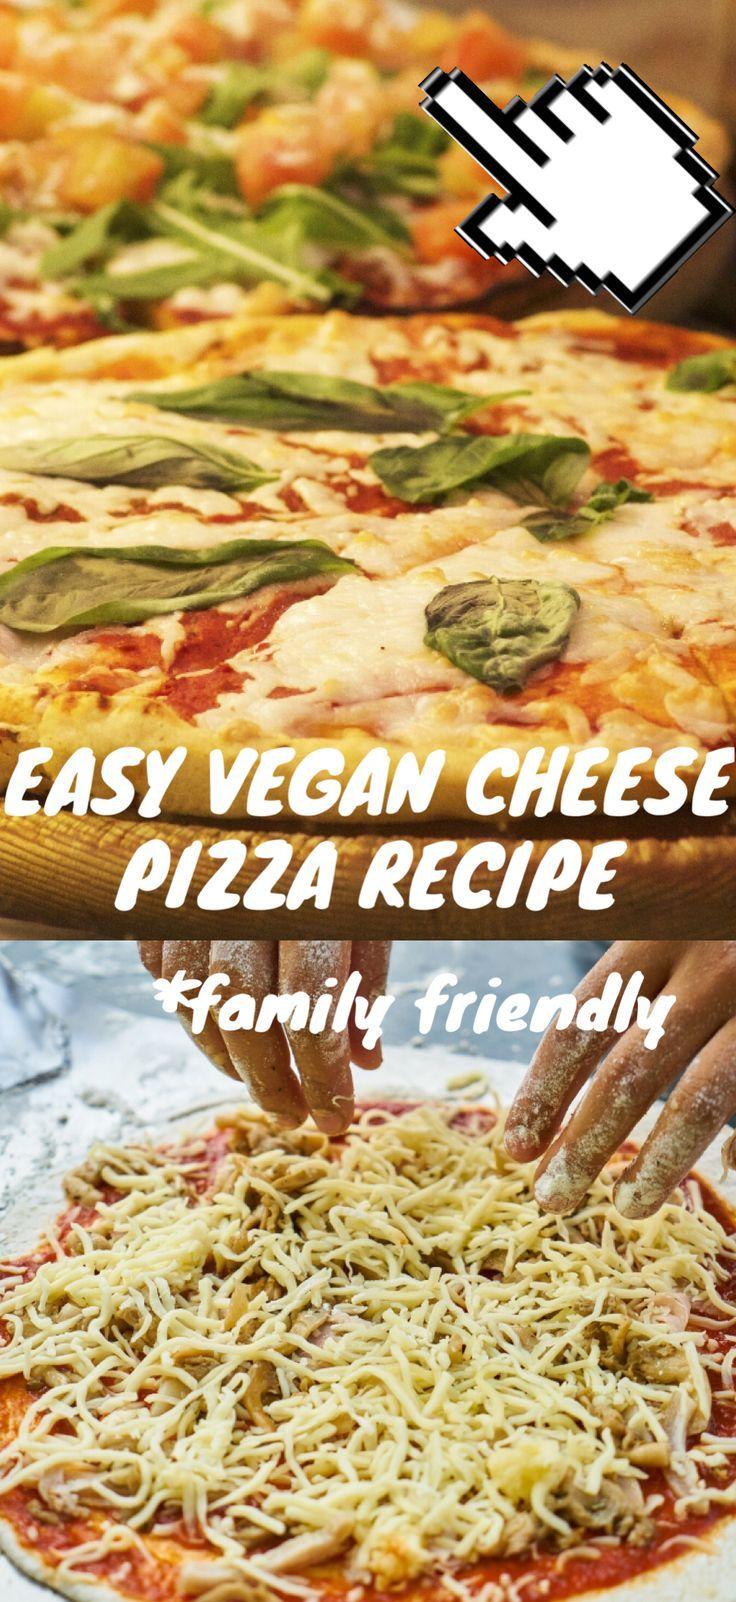 Easy Vegan Cheese Pizza Vegan Family Dinner Plant Based Easy Healthy Protein Quick Best For Ki Vegan Cheese Pizza Recipe Vegan Pizza Cheese Vegan Family Dinner